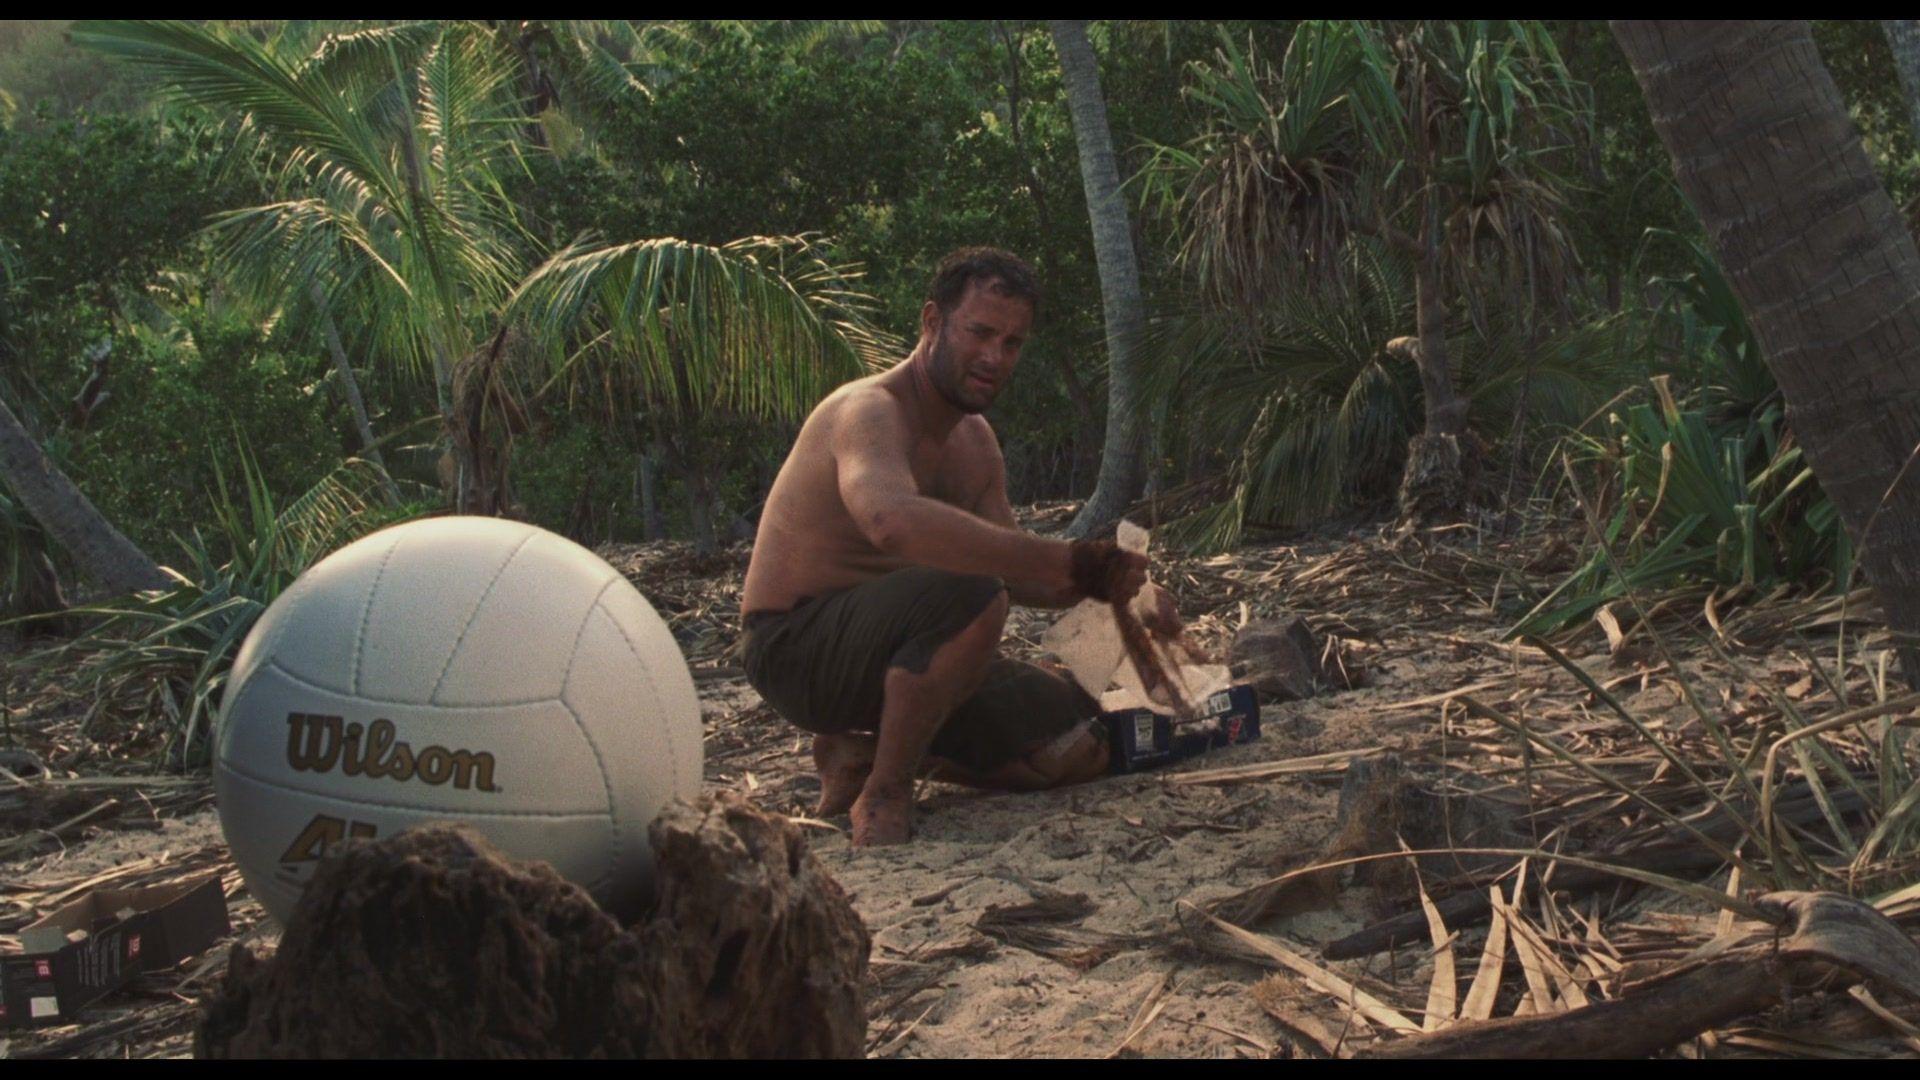 Tom Hanks In Cast Away With Wilson Inspirational Movies Cast Away Movie Movie Quotes Inspirational